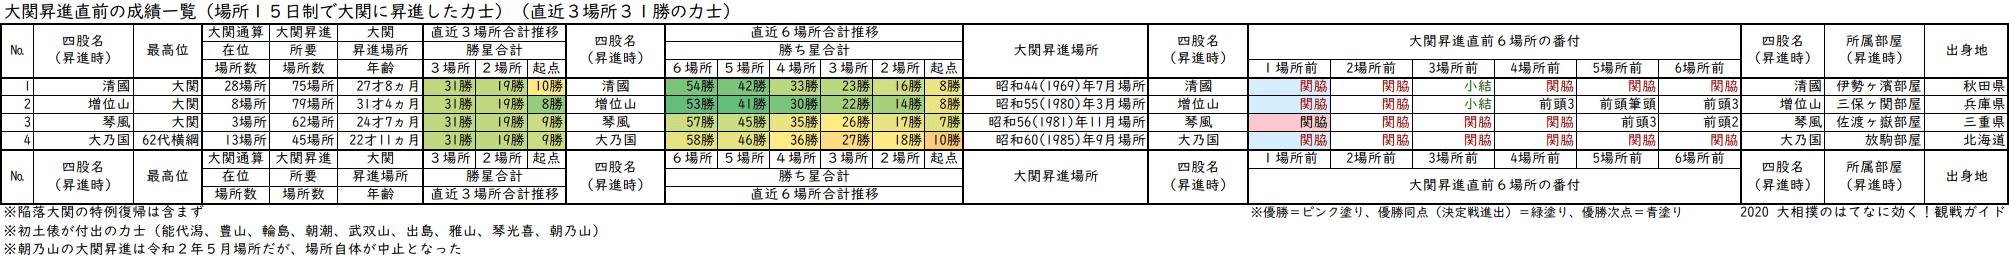 大関昇進前3場所の成績が31勝の力士一覧表・直近3場所及び直近6場所の合計勝ち星と番付